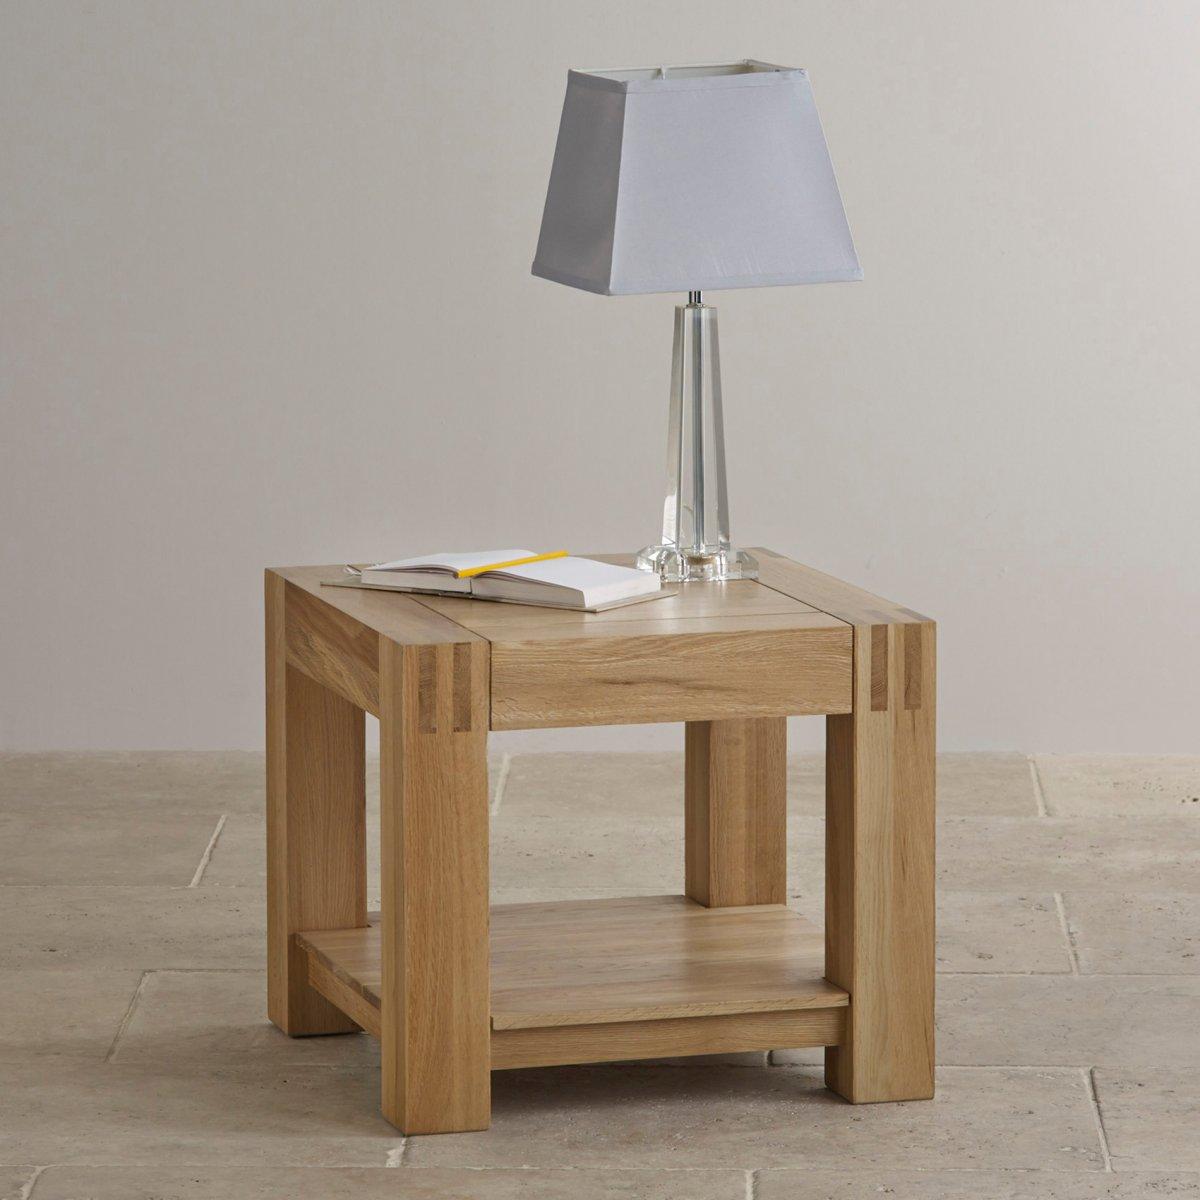 Alto Side Table in Natural Solid Oak Oak Furniture Land